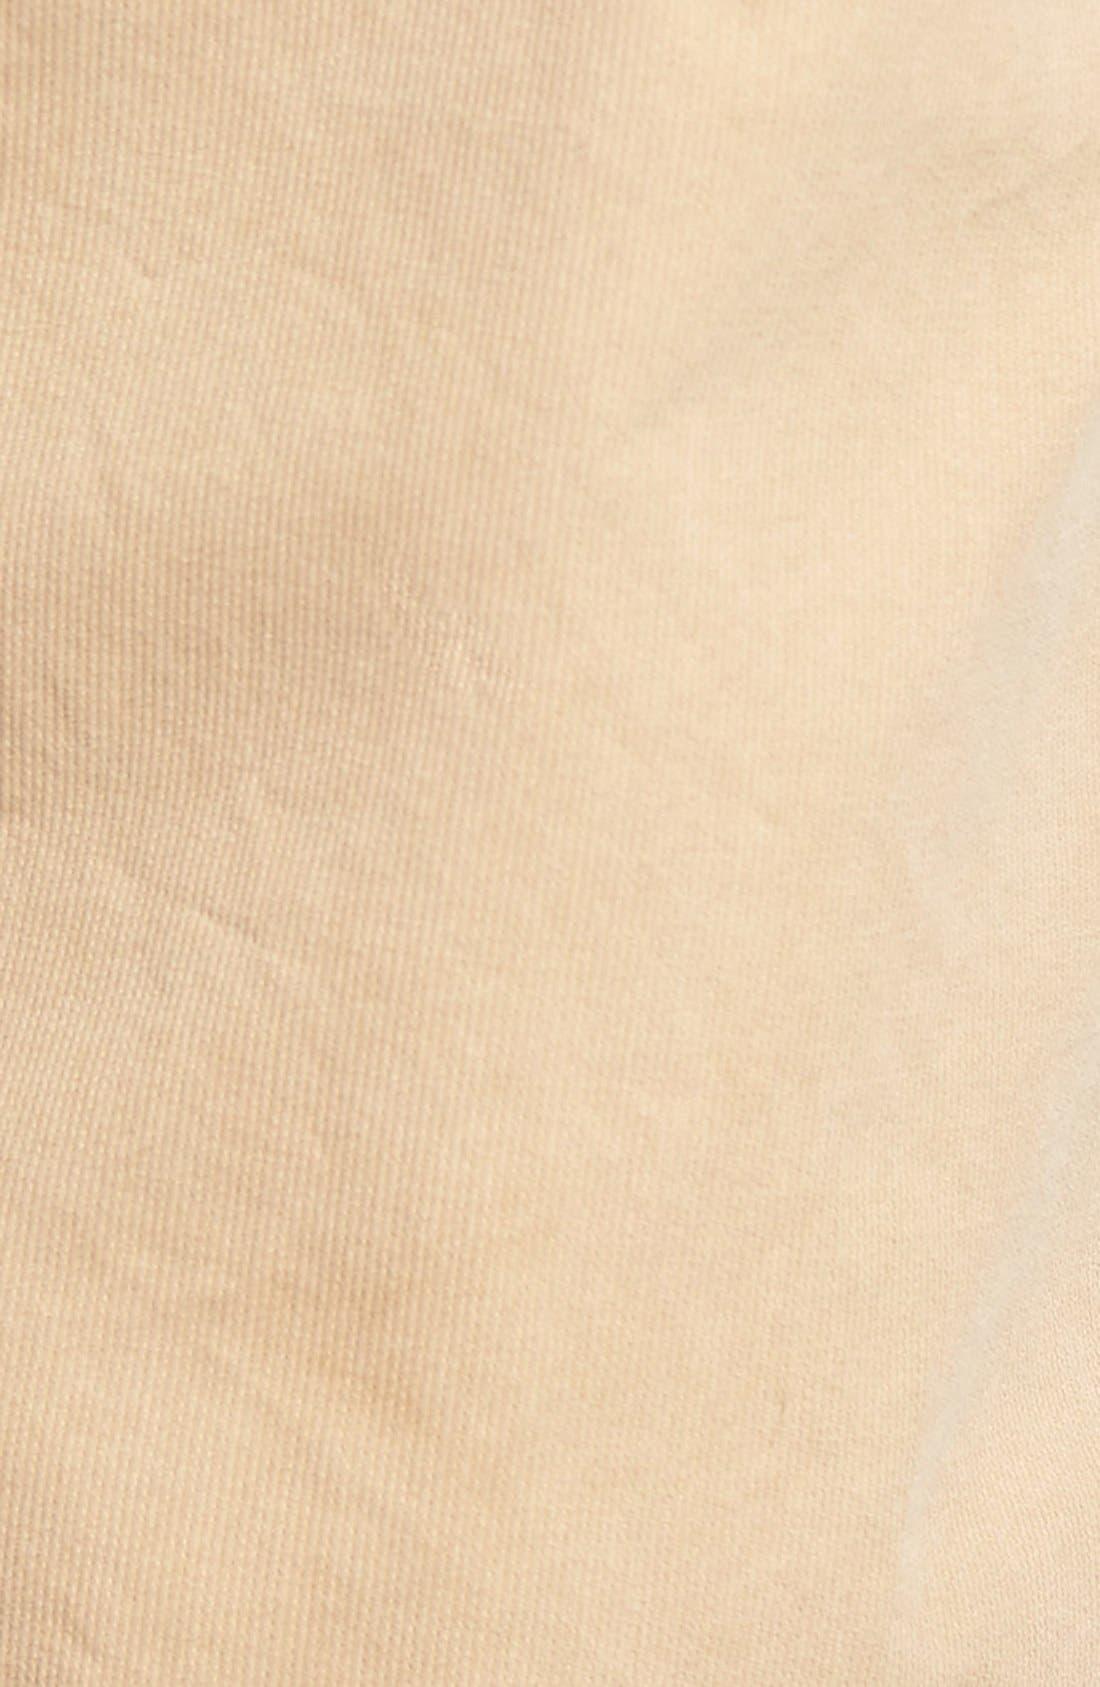 St. Martin Bedford Cord Shorts,                             Alternate thumbnail 5, color,                             Khaki